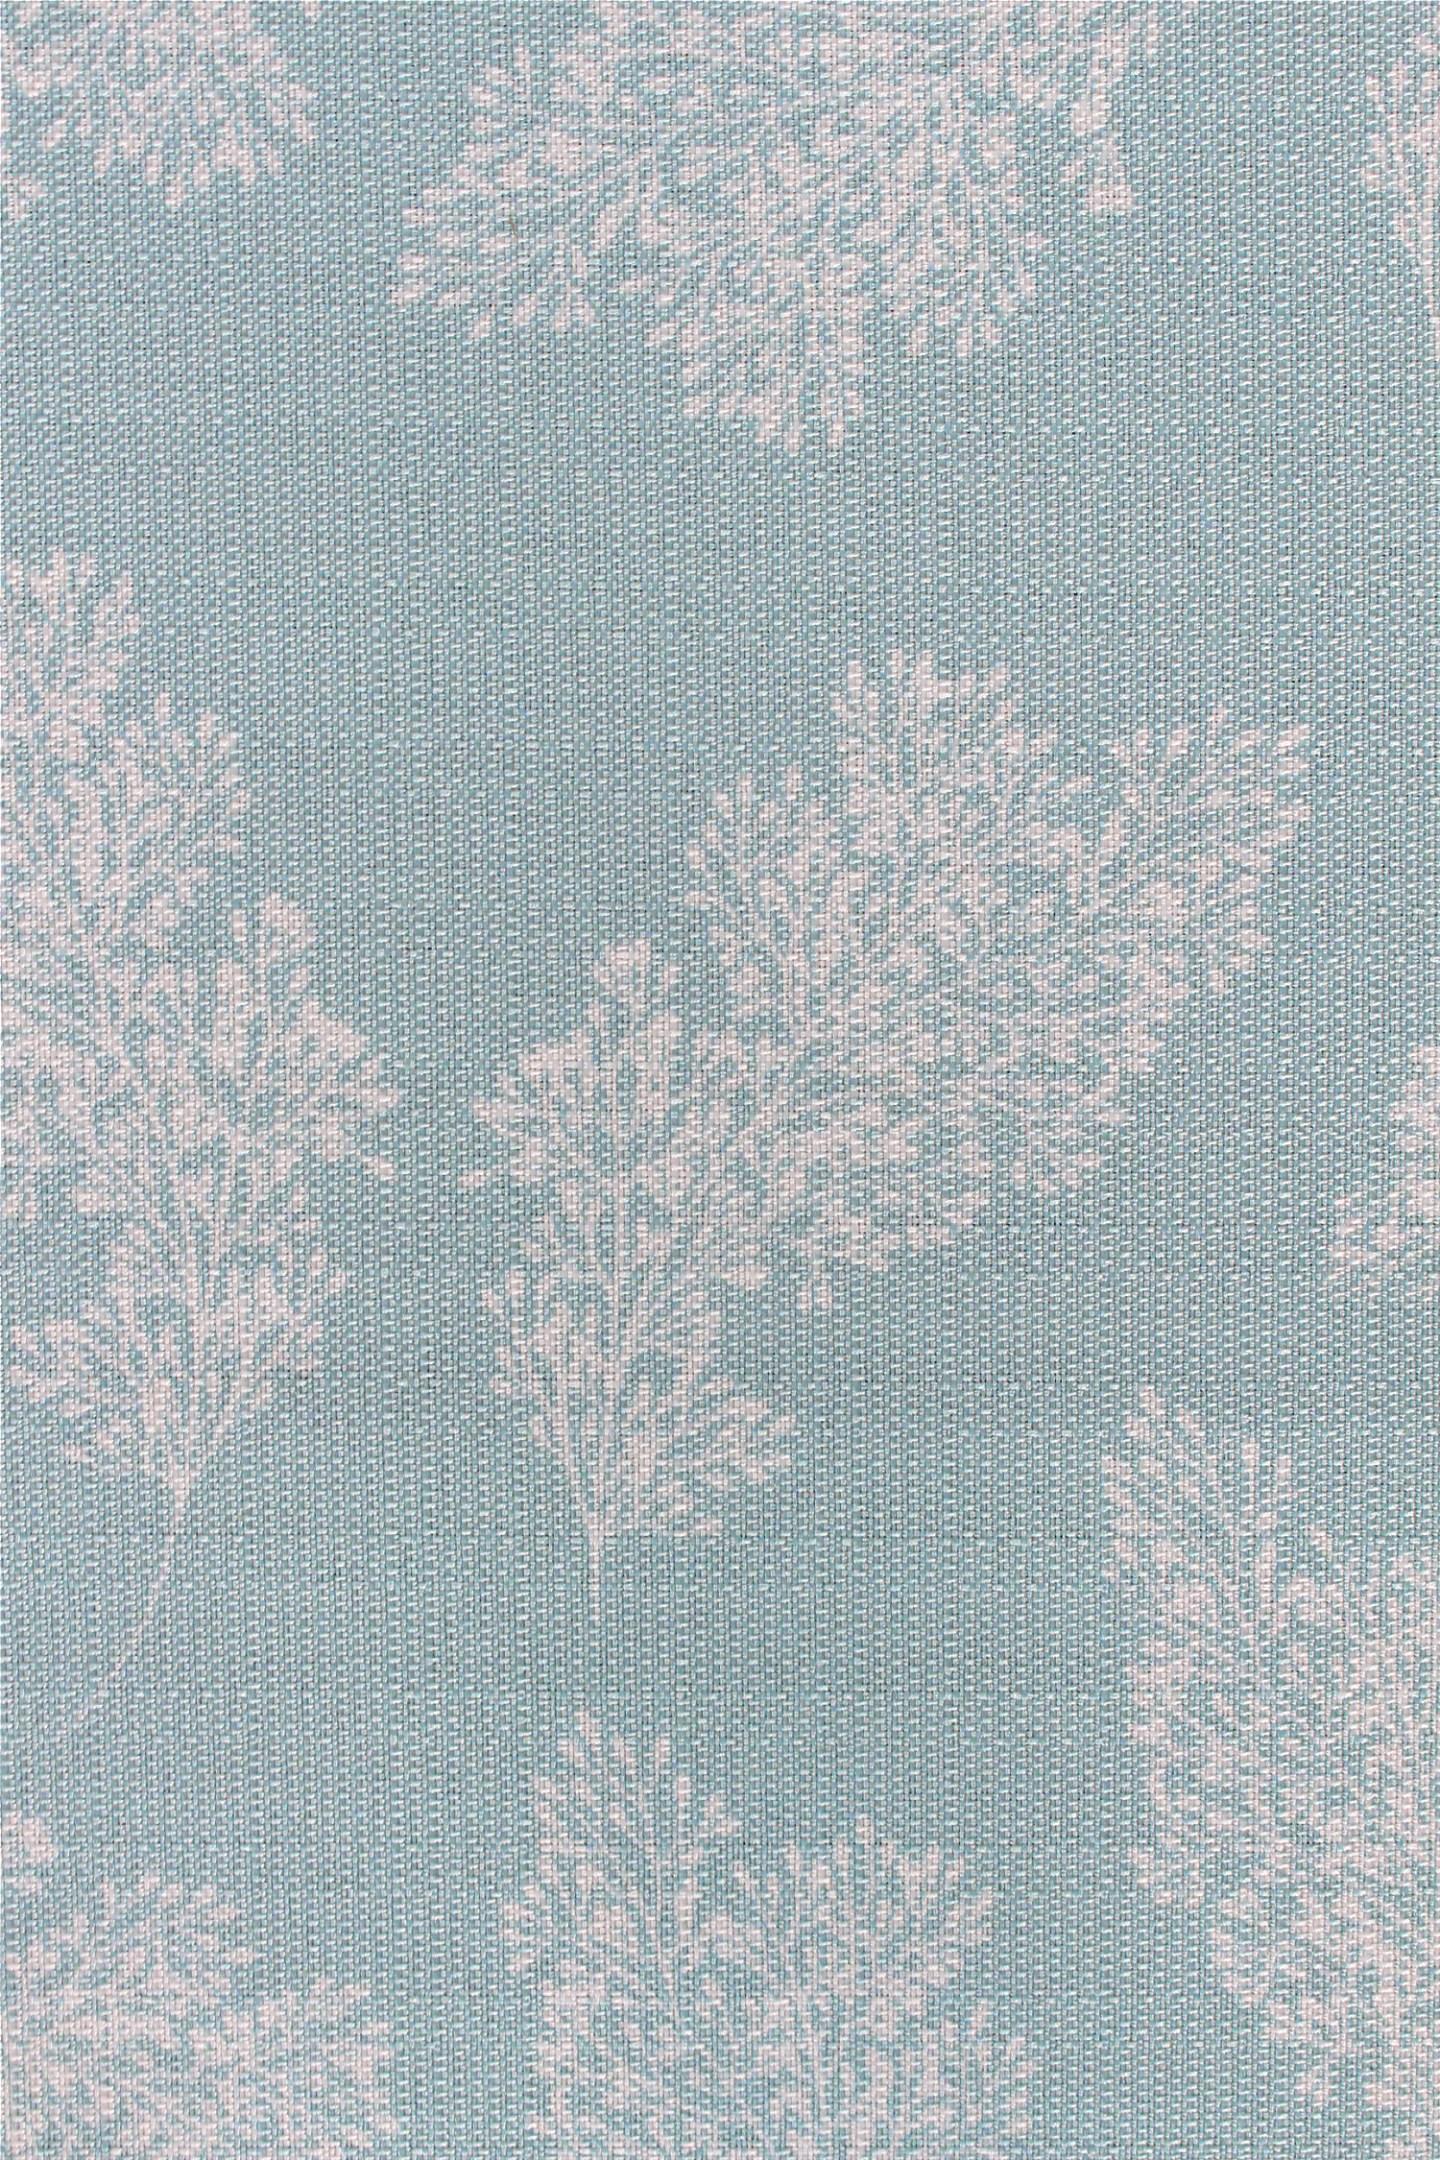 Aqua Tablecloth Pattern